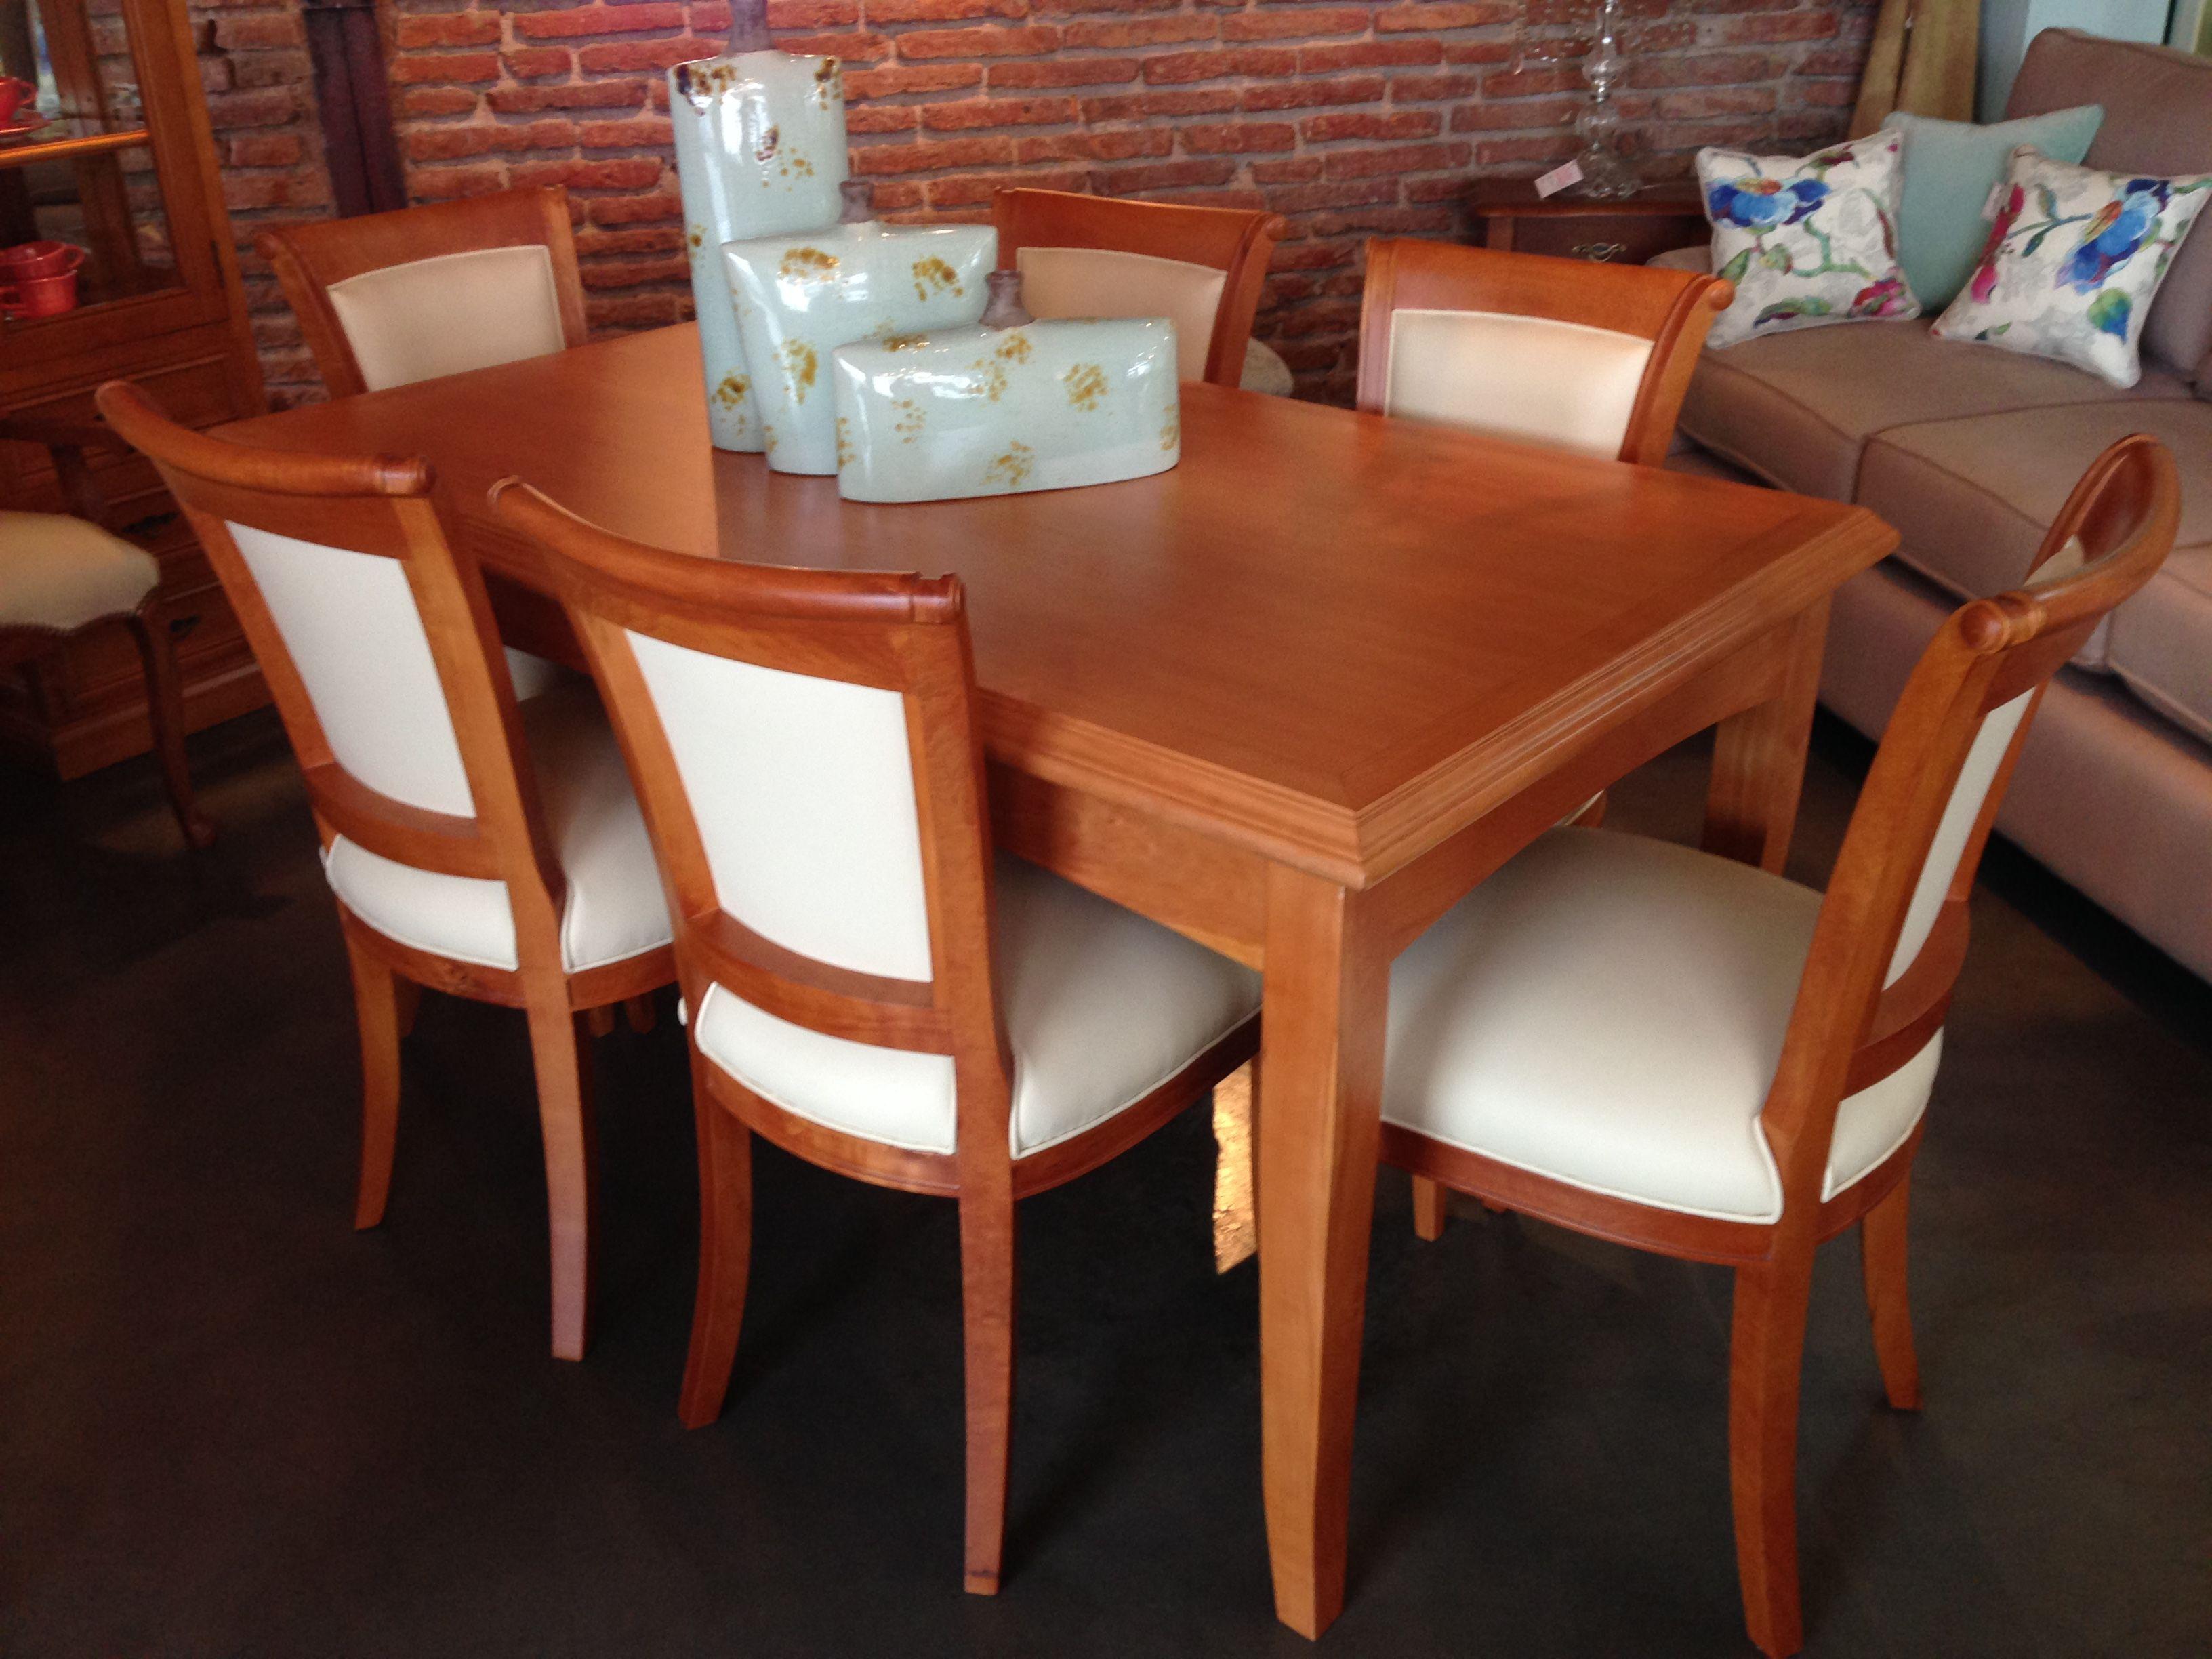 Mesa de comedor Italiana con sillas Fragata | Comedores | Pinterest